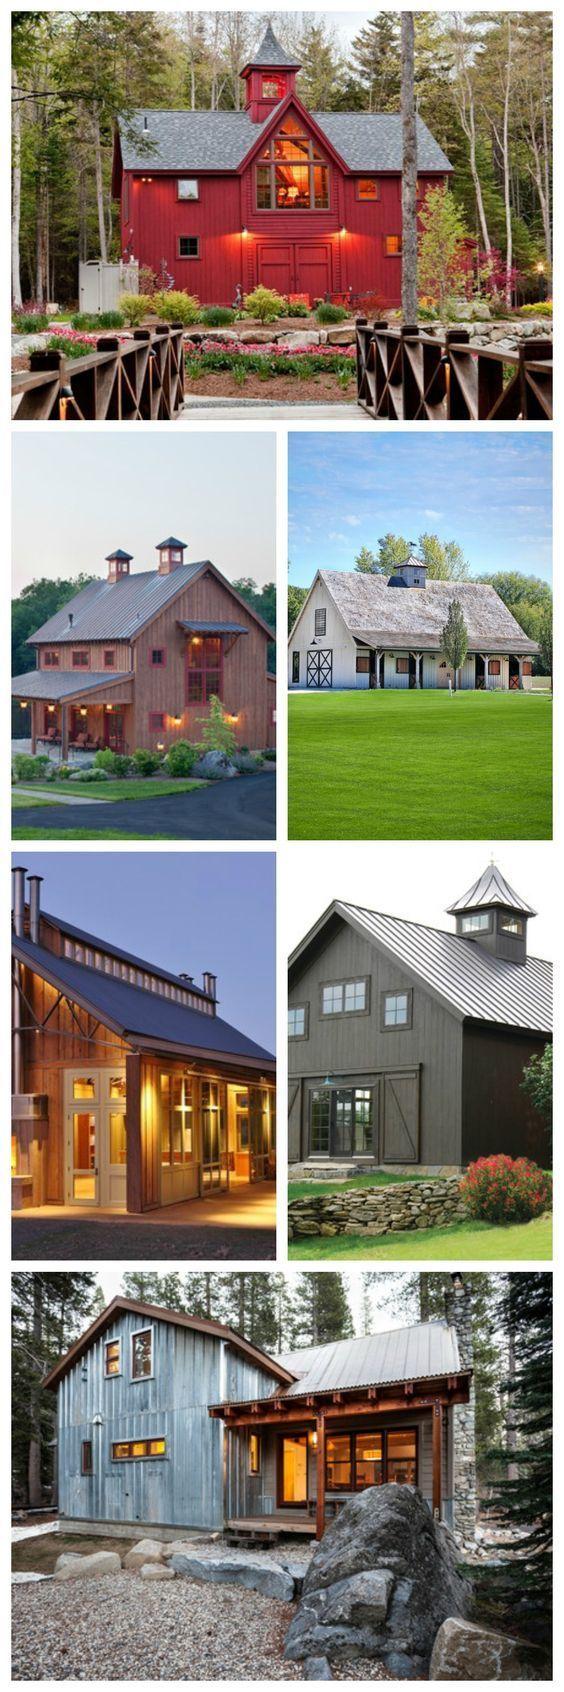 Barndominium Homes Pictures, Floor Plans & Price Guide